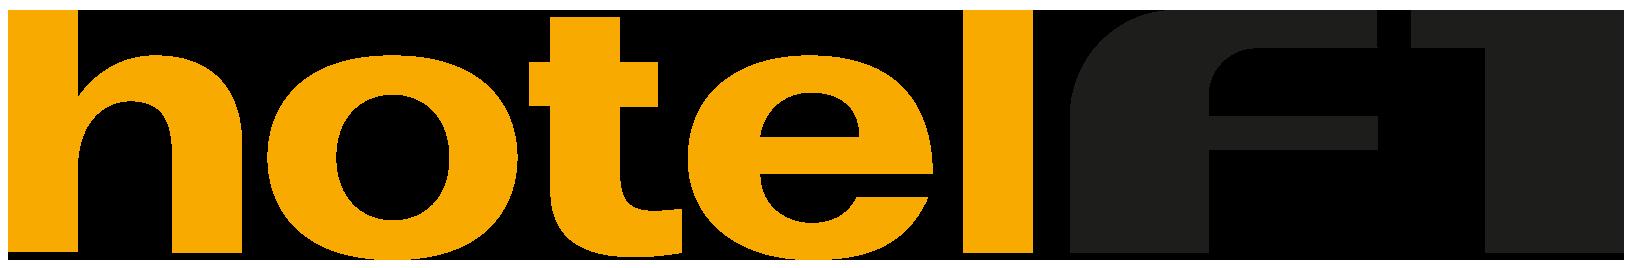 hotel-f1 logo